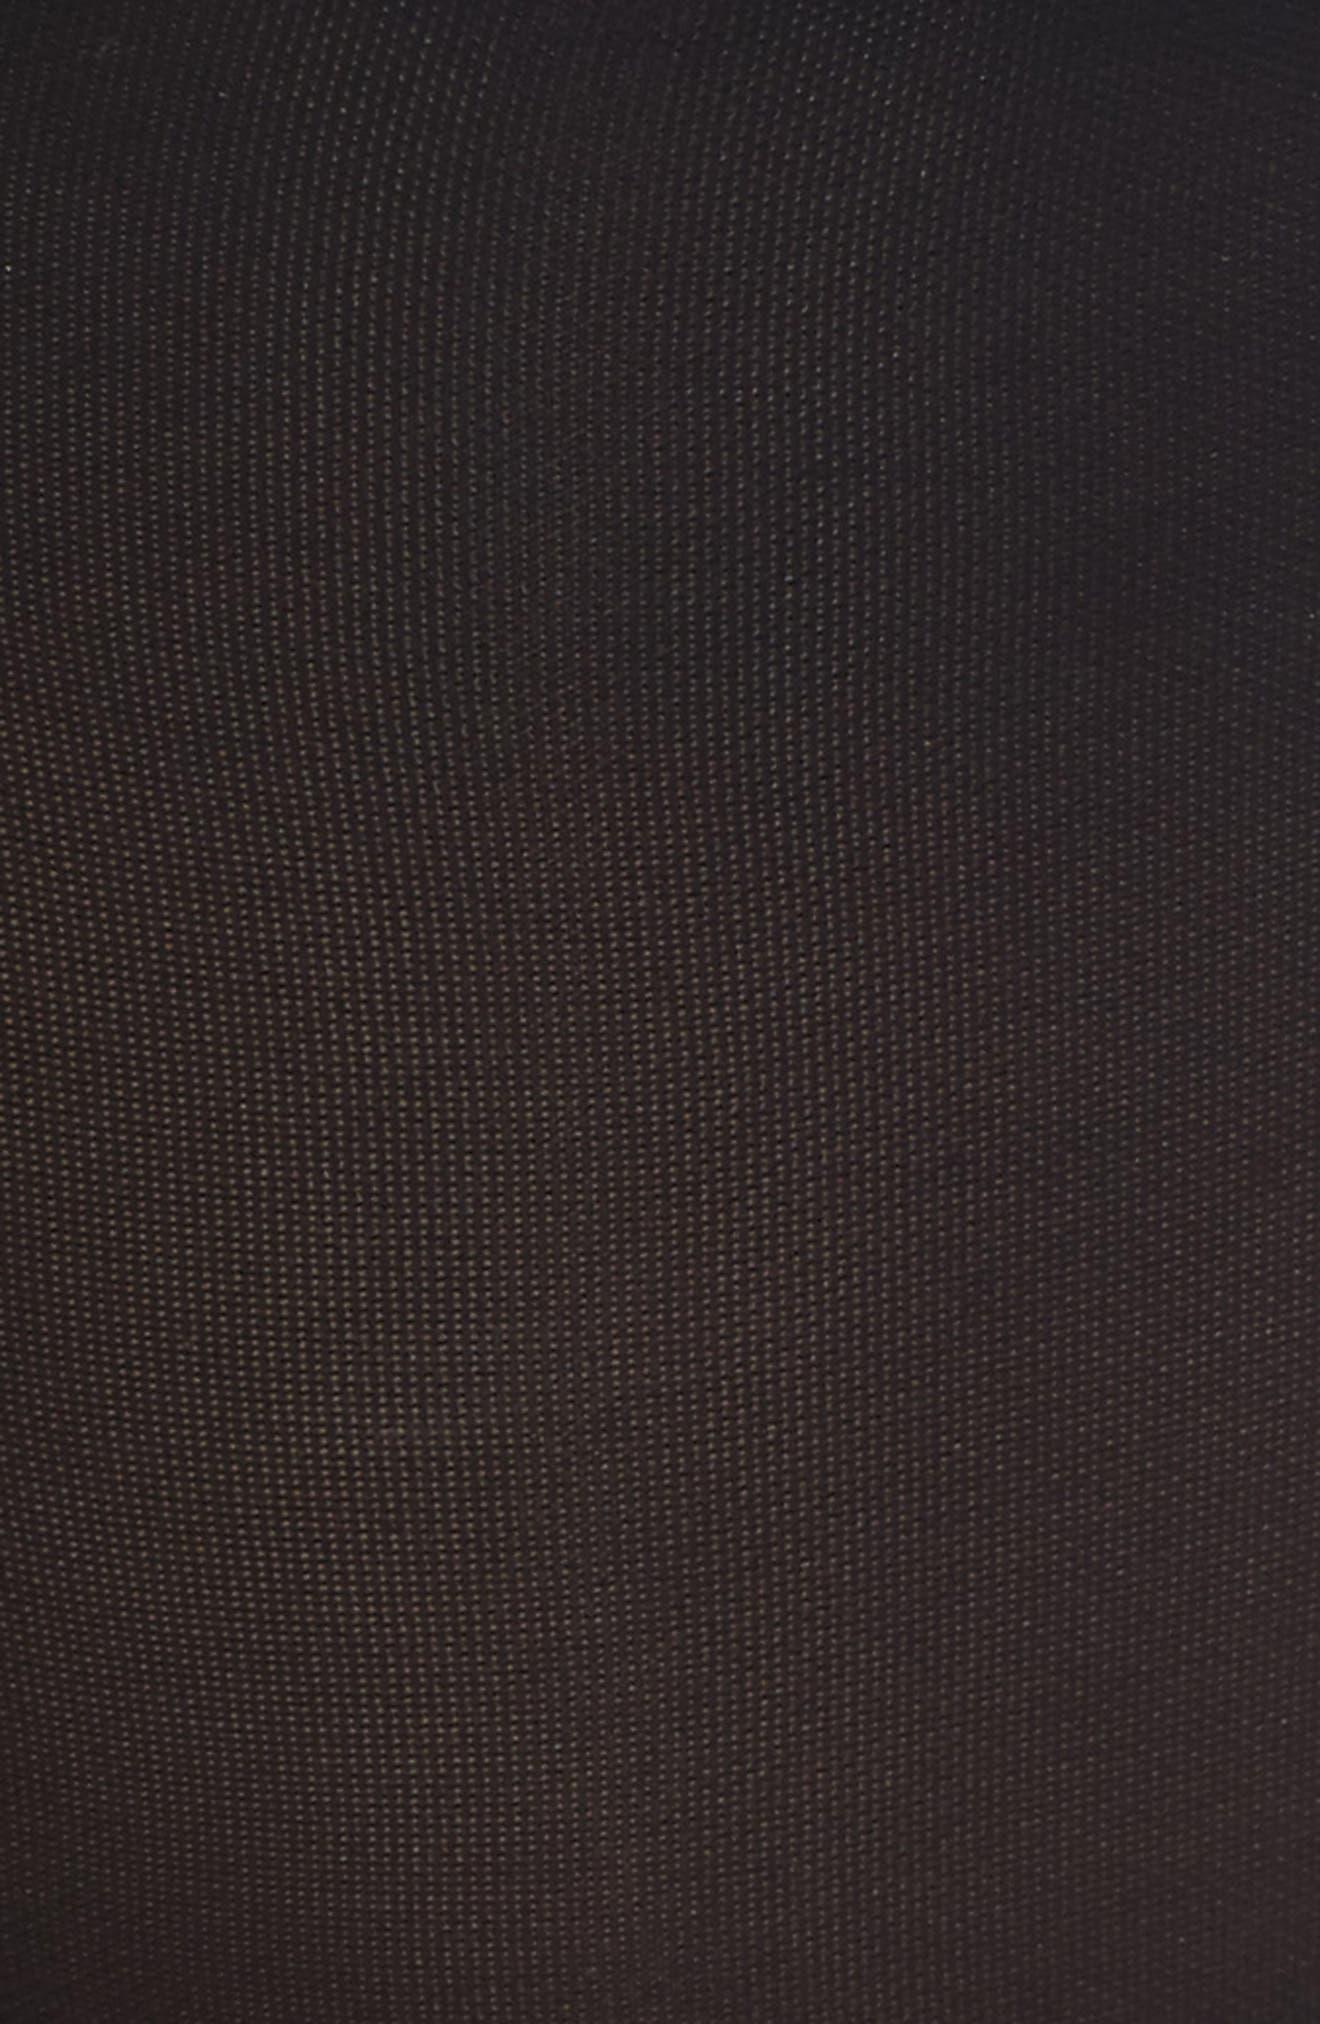 Compression Knee Highs,                             Alternate thumbnail 3, color,                             BLACK